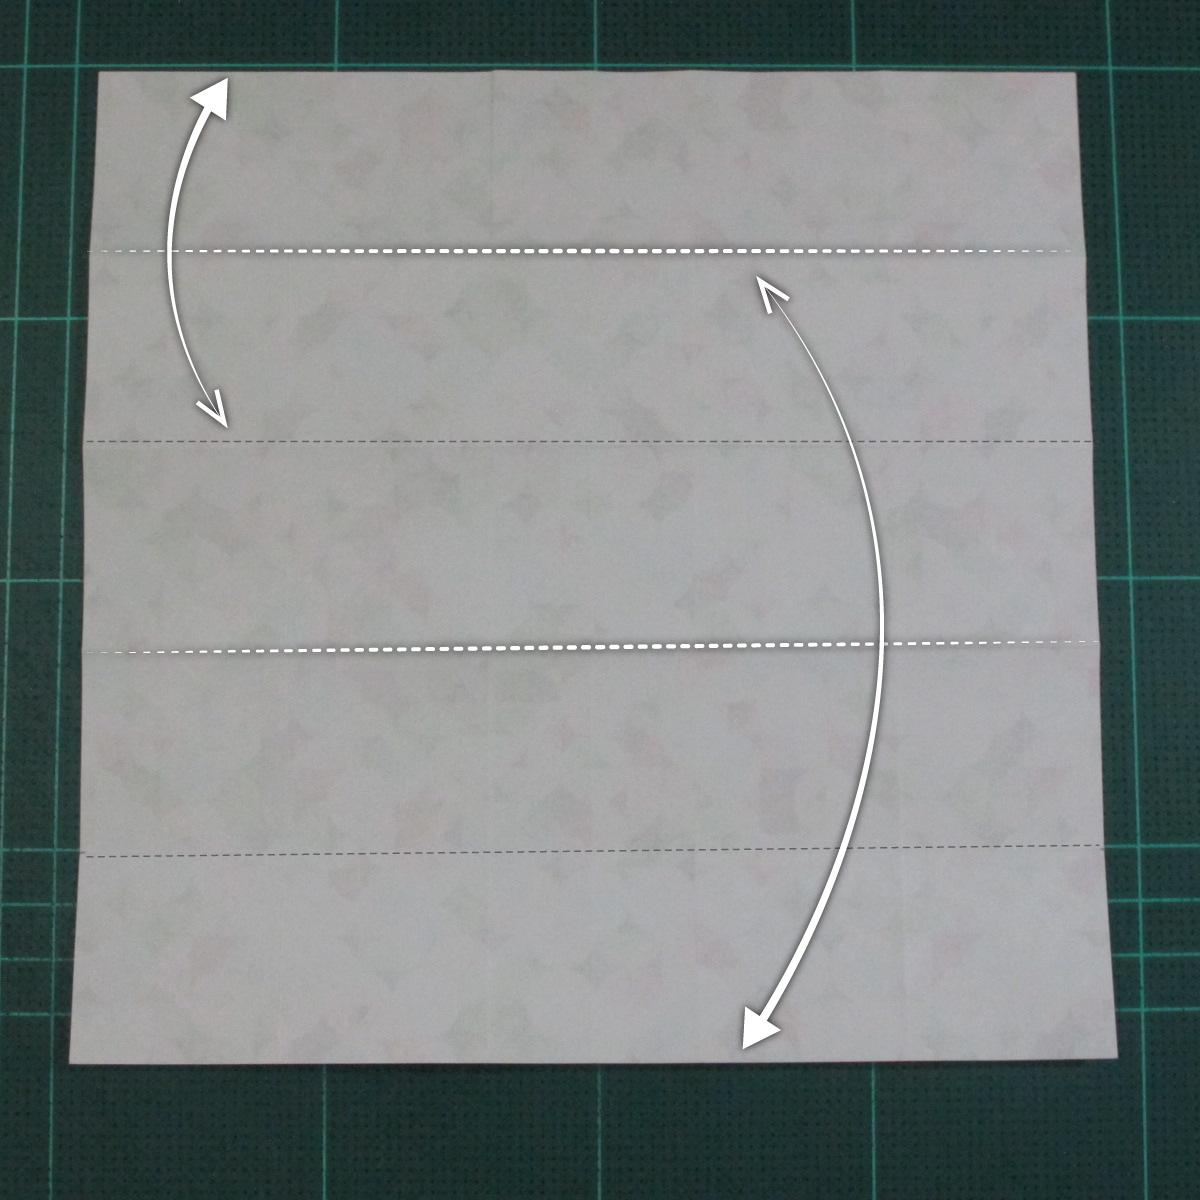 วิธีพับกล่องของขวัญแบบมีฝาปิด (Origami Present Box With Lid) 012